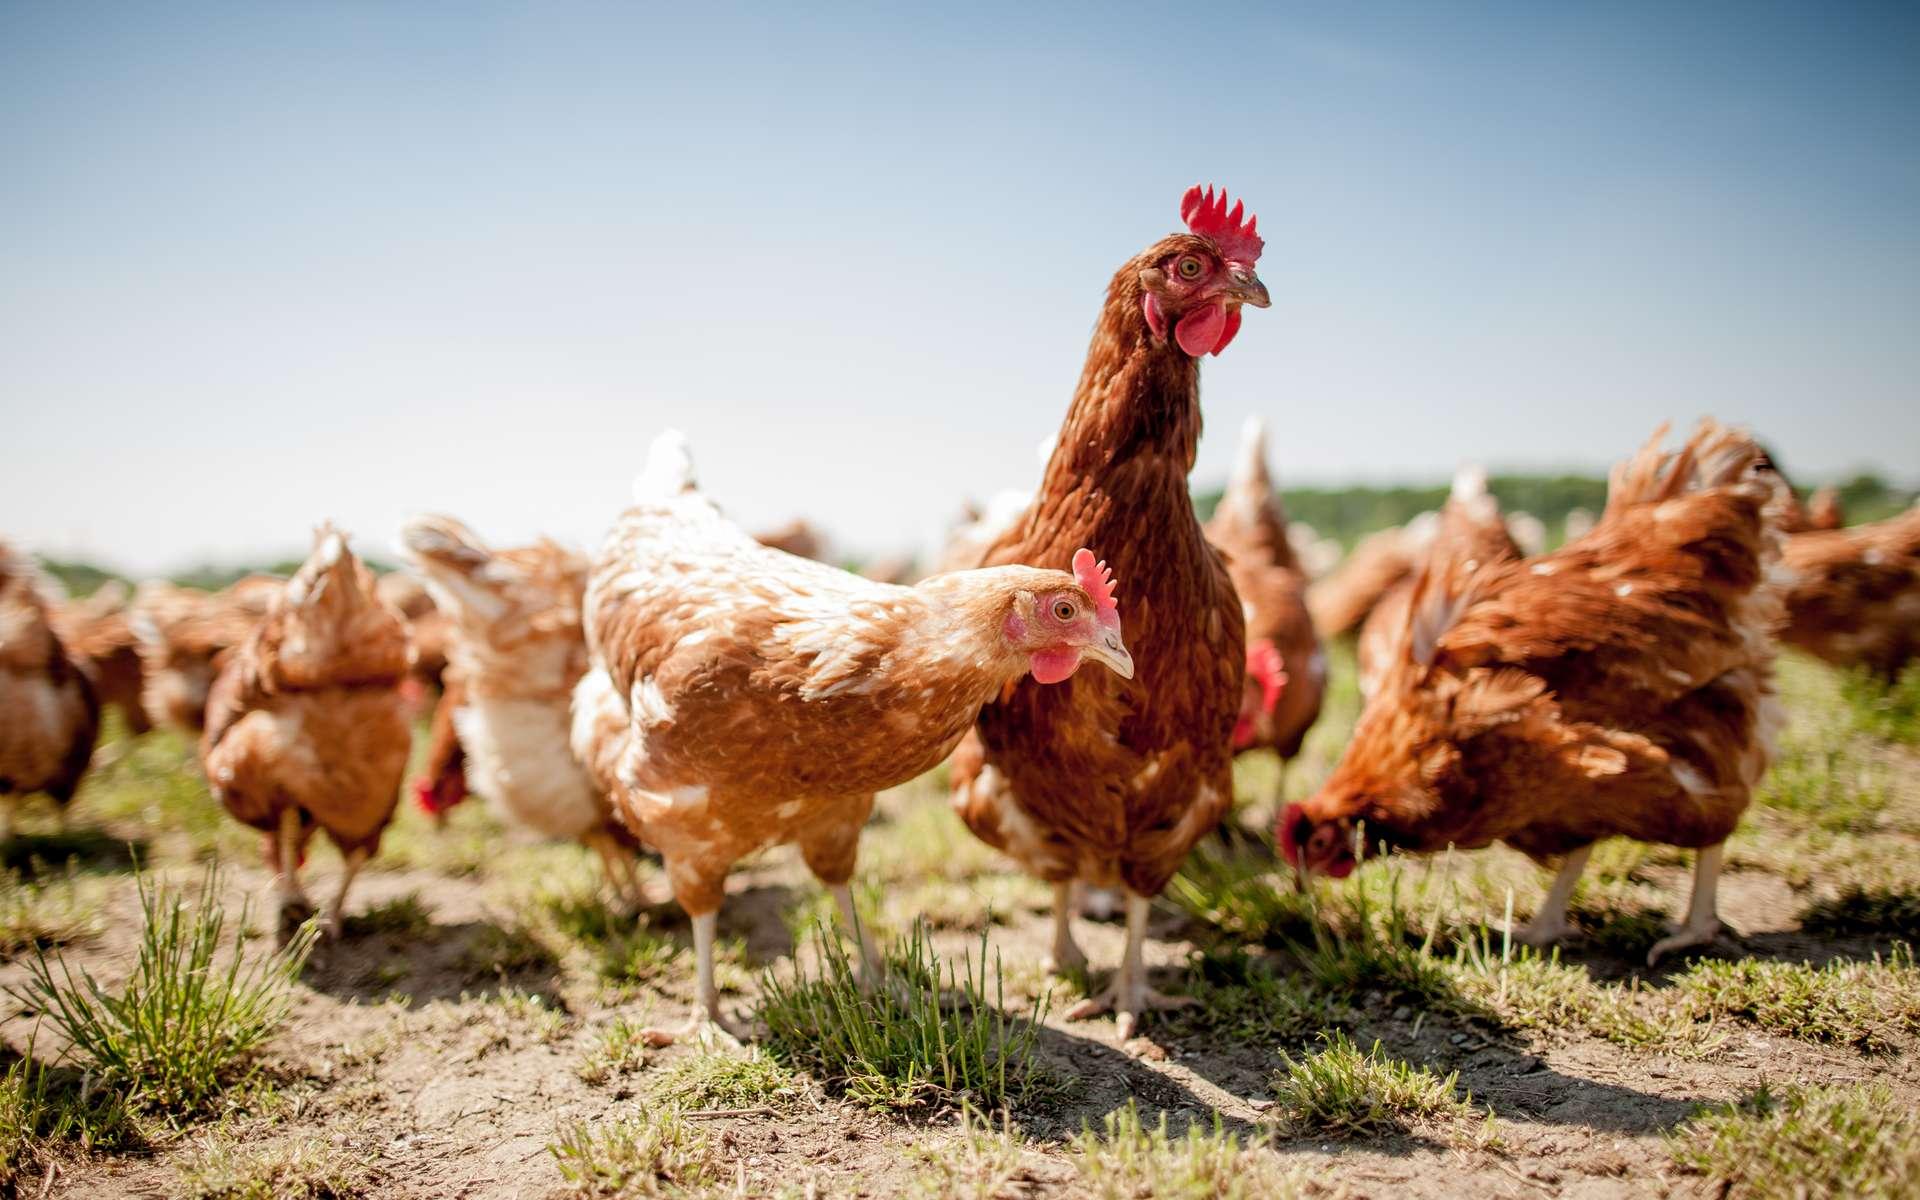 La poule domestique est l'espèce d'oiseaux dont la population est la plus importante. © Teamfoto, Adobe Stock